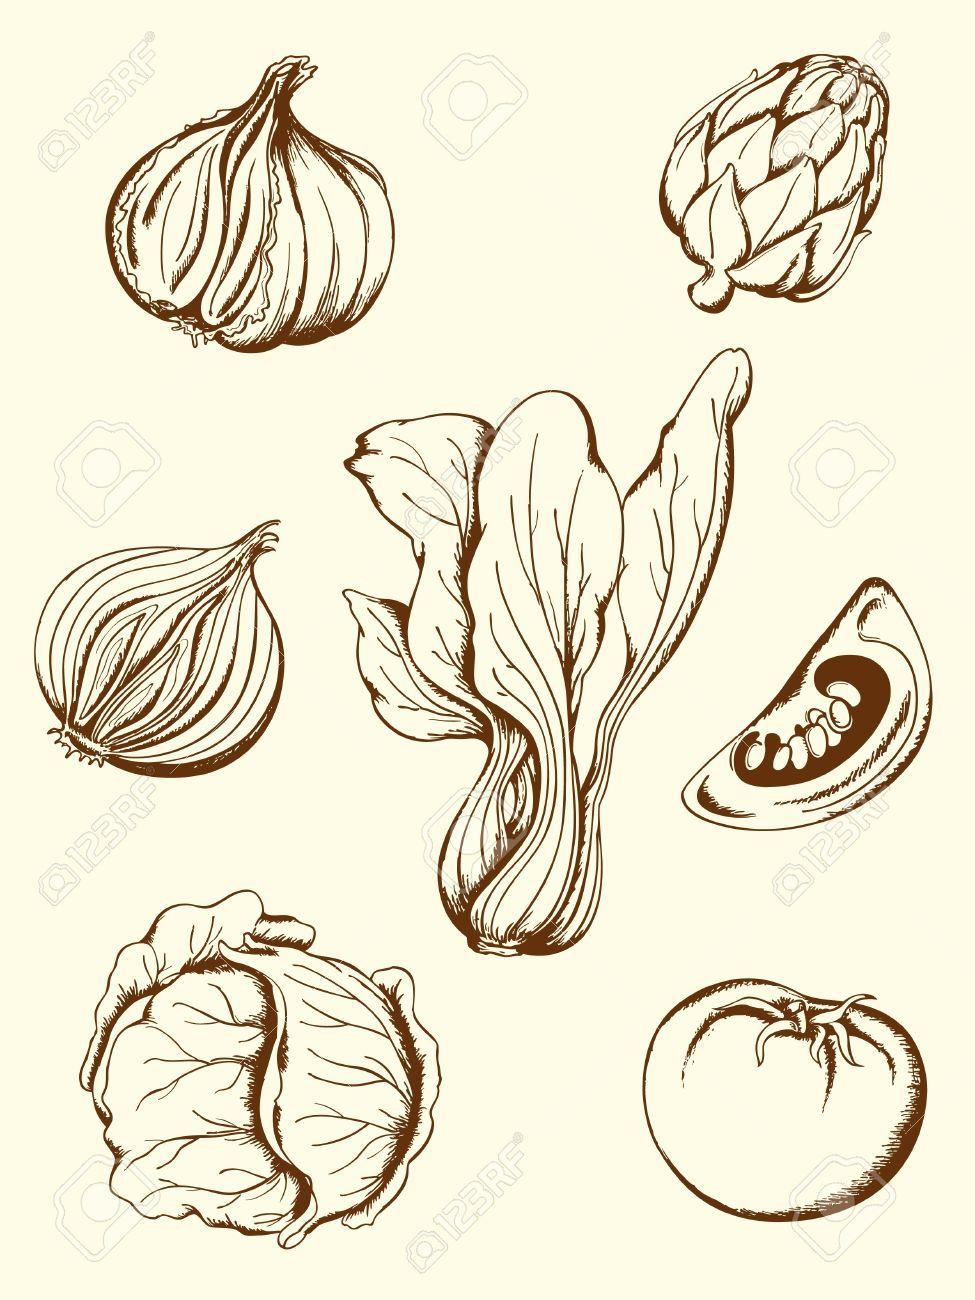 Vintage Vegetable Illustrations Free Google Search Vetores Desenho Estampas